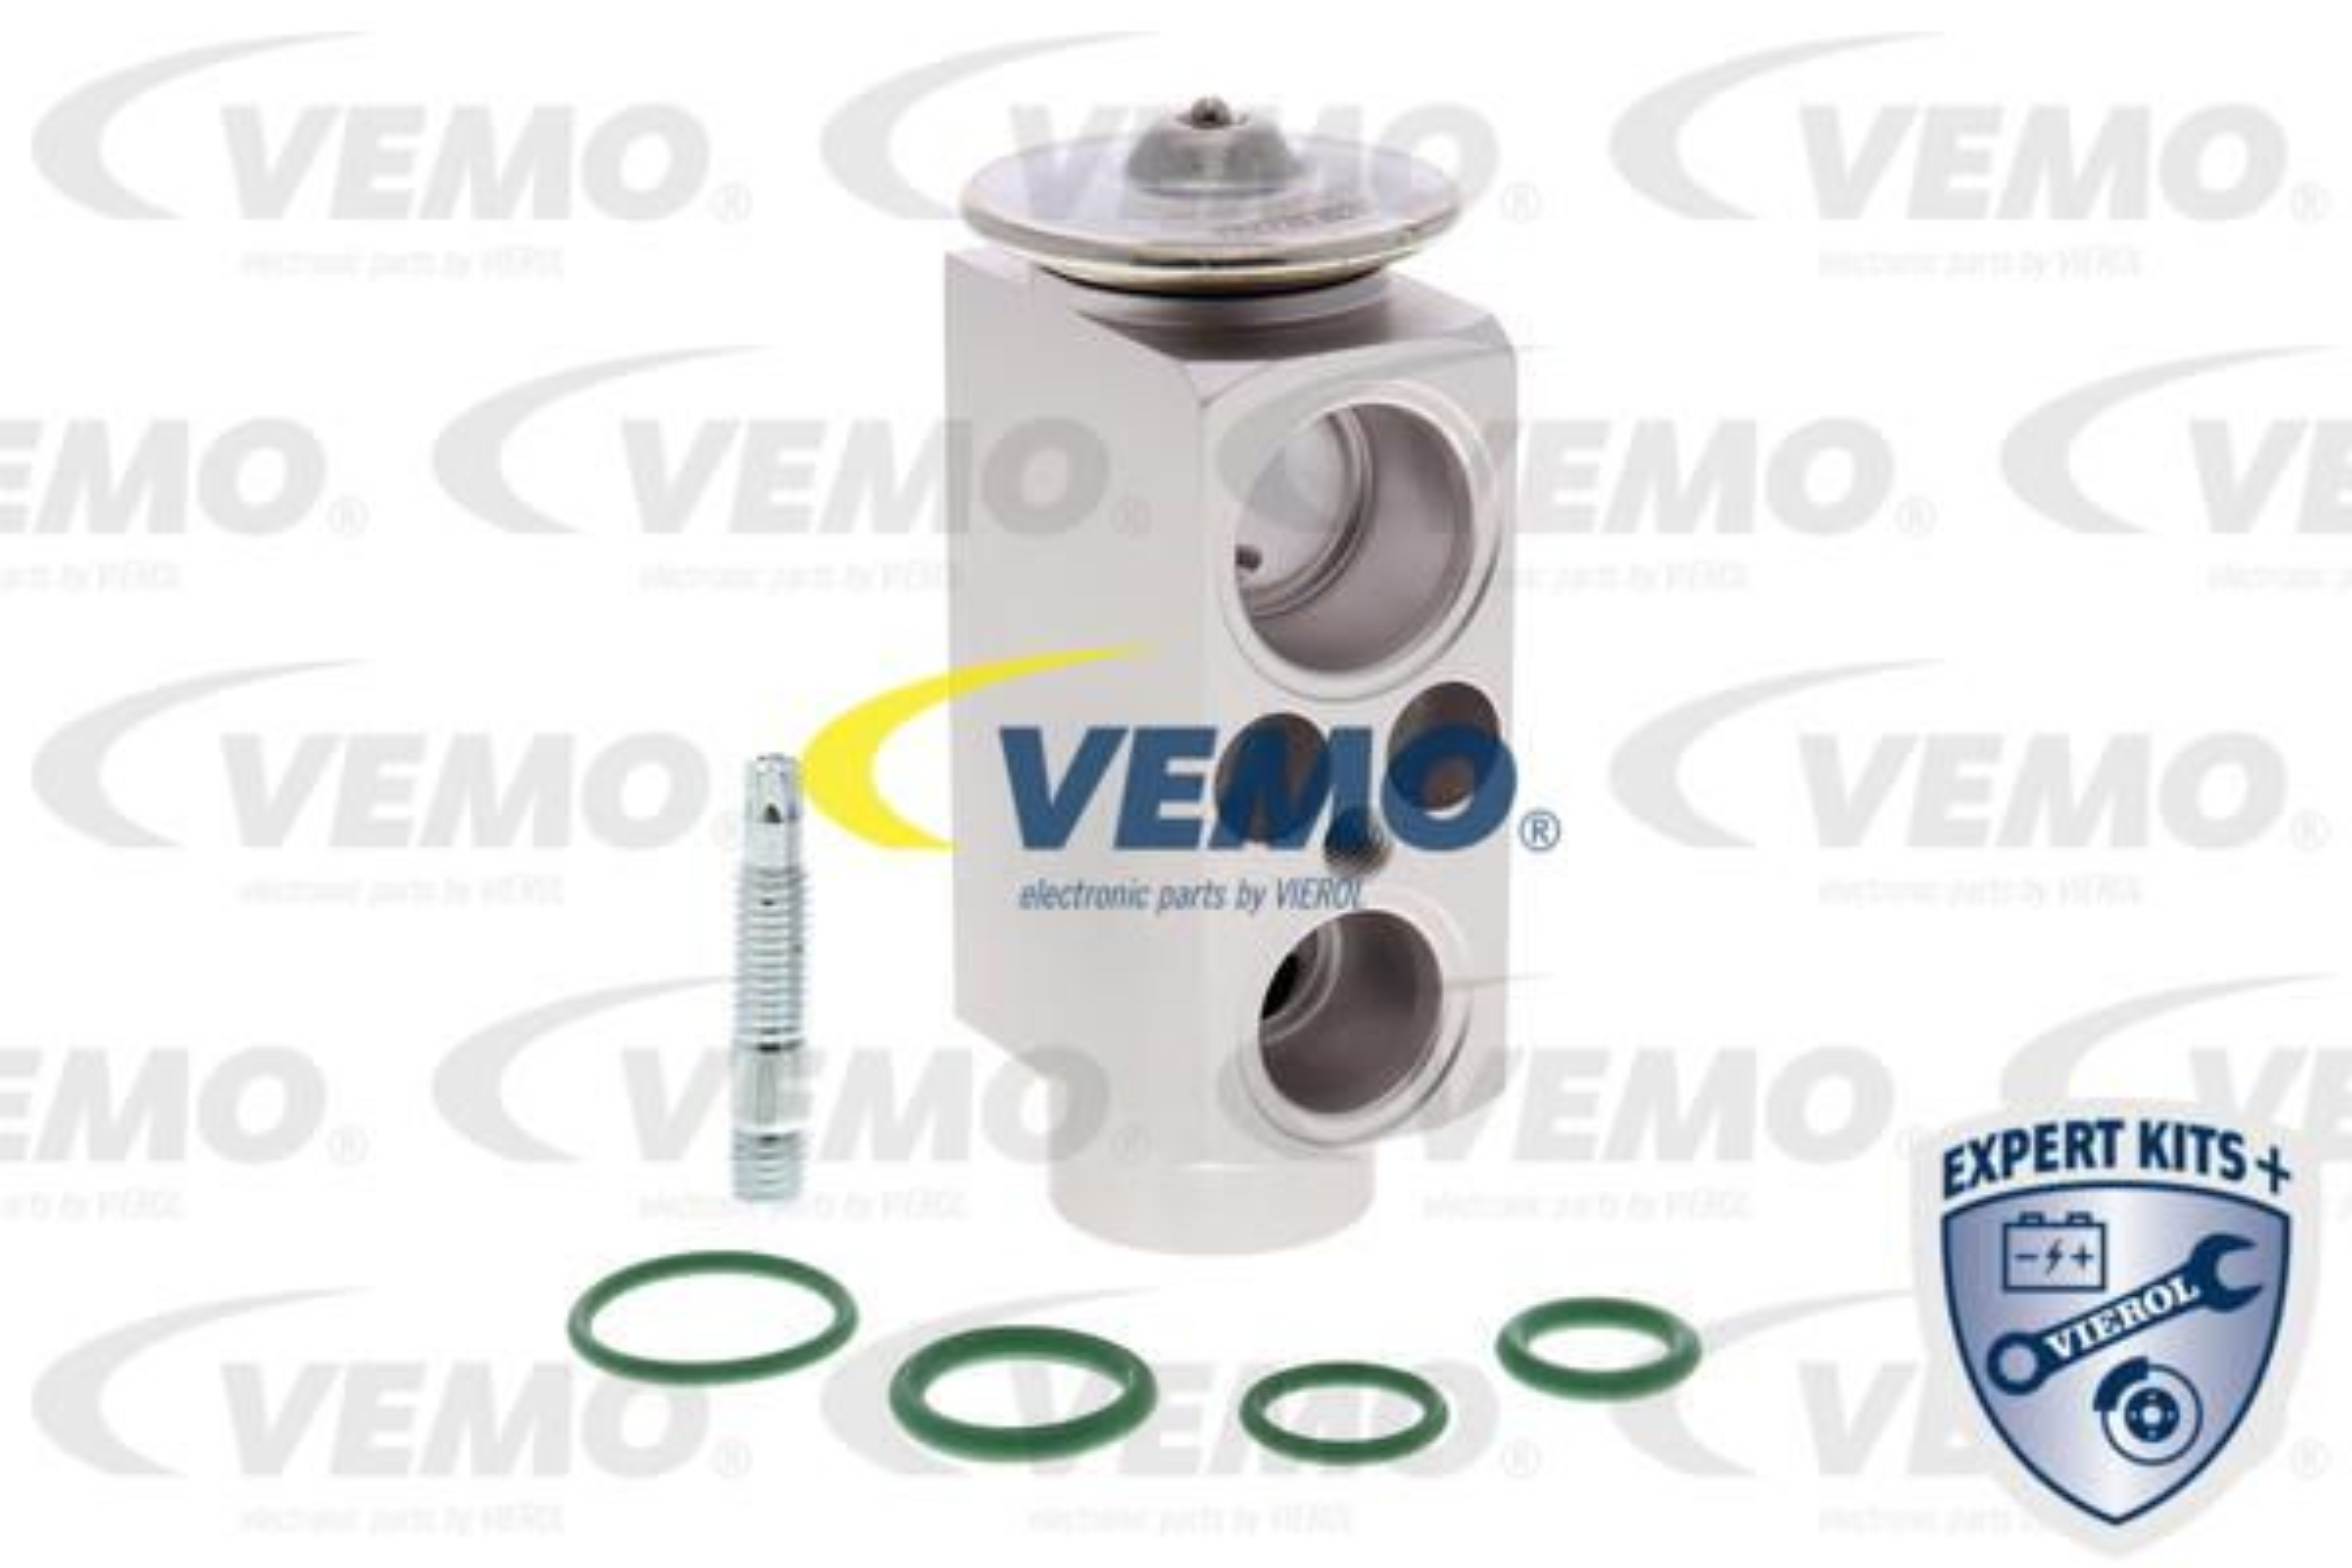 Expansionsventil Klimaanlage V95-77-0009 rund um die Uhr online kaufen